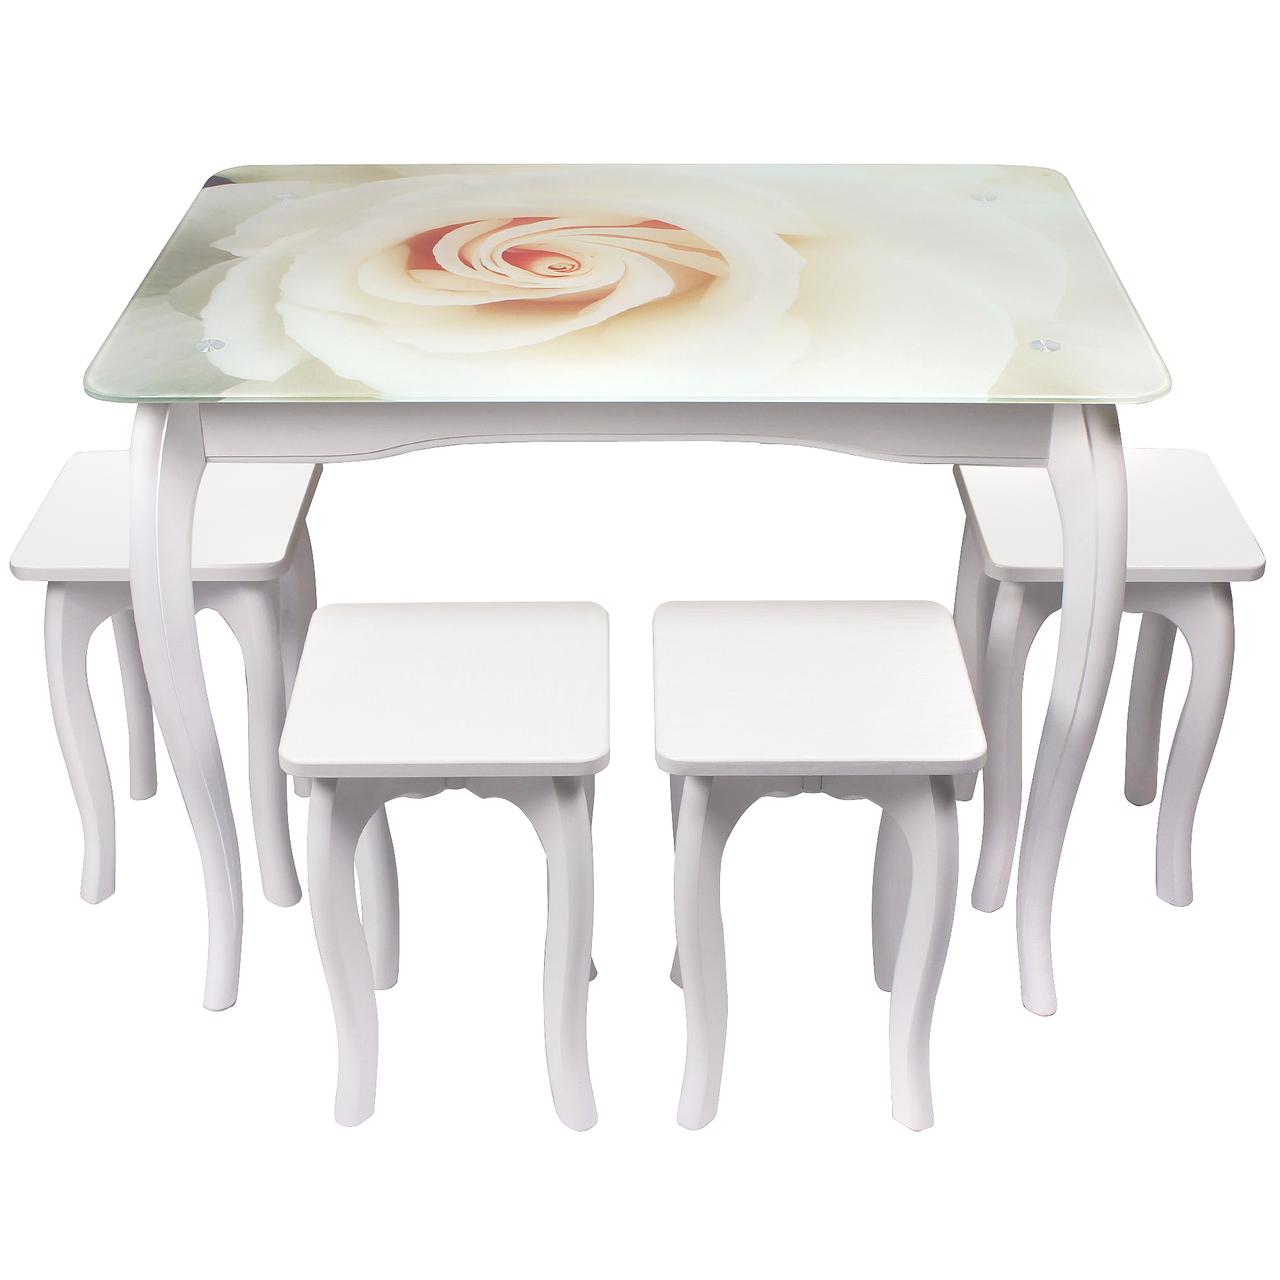 """Обеденный столовый комплект (стеклянный стол и 4 табуретки из МДФ) """"Белая роза"""" с ножками кабриоль"""